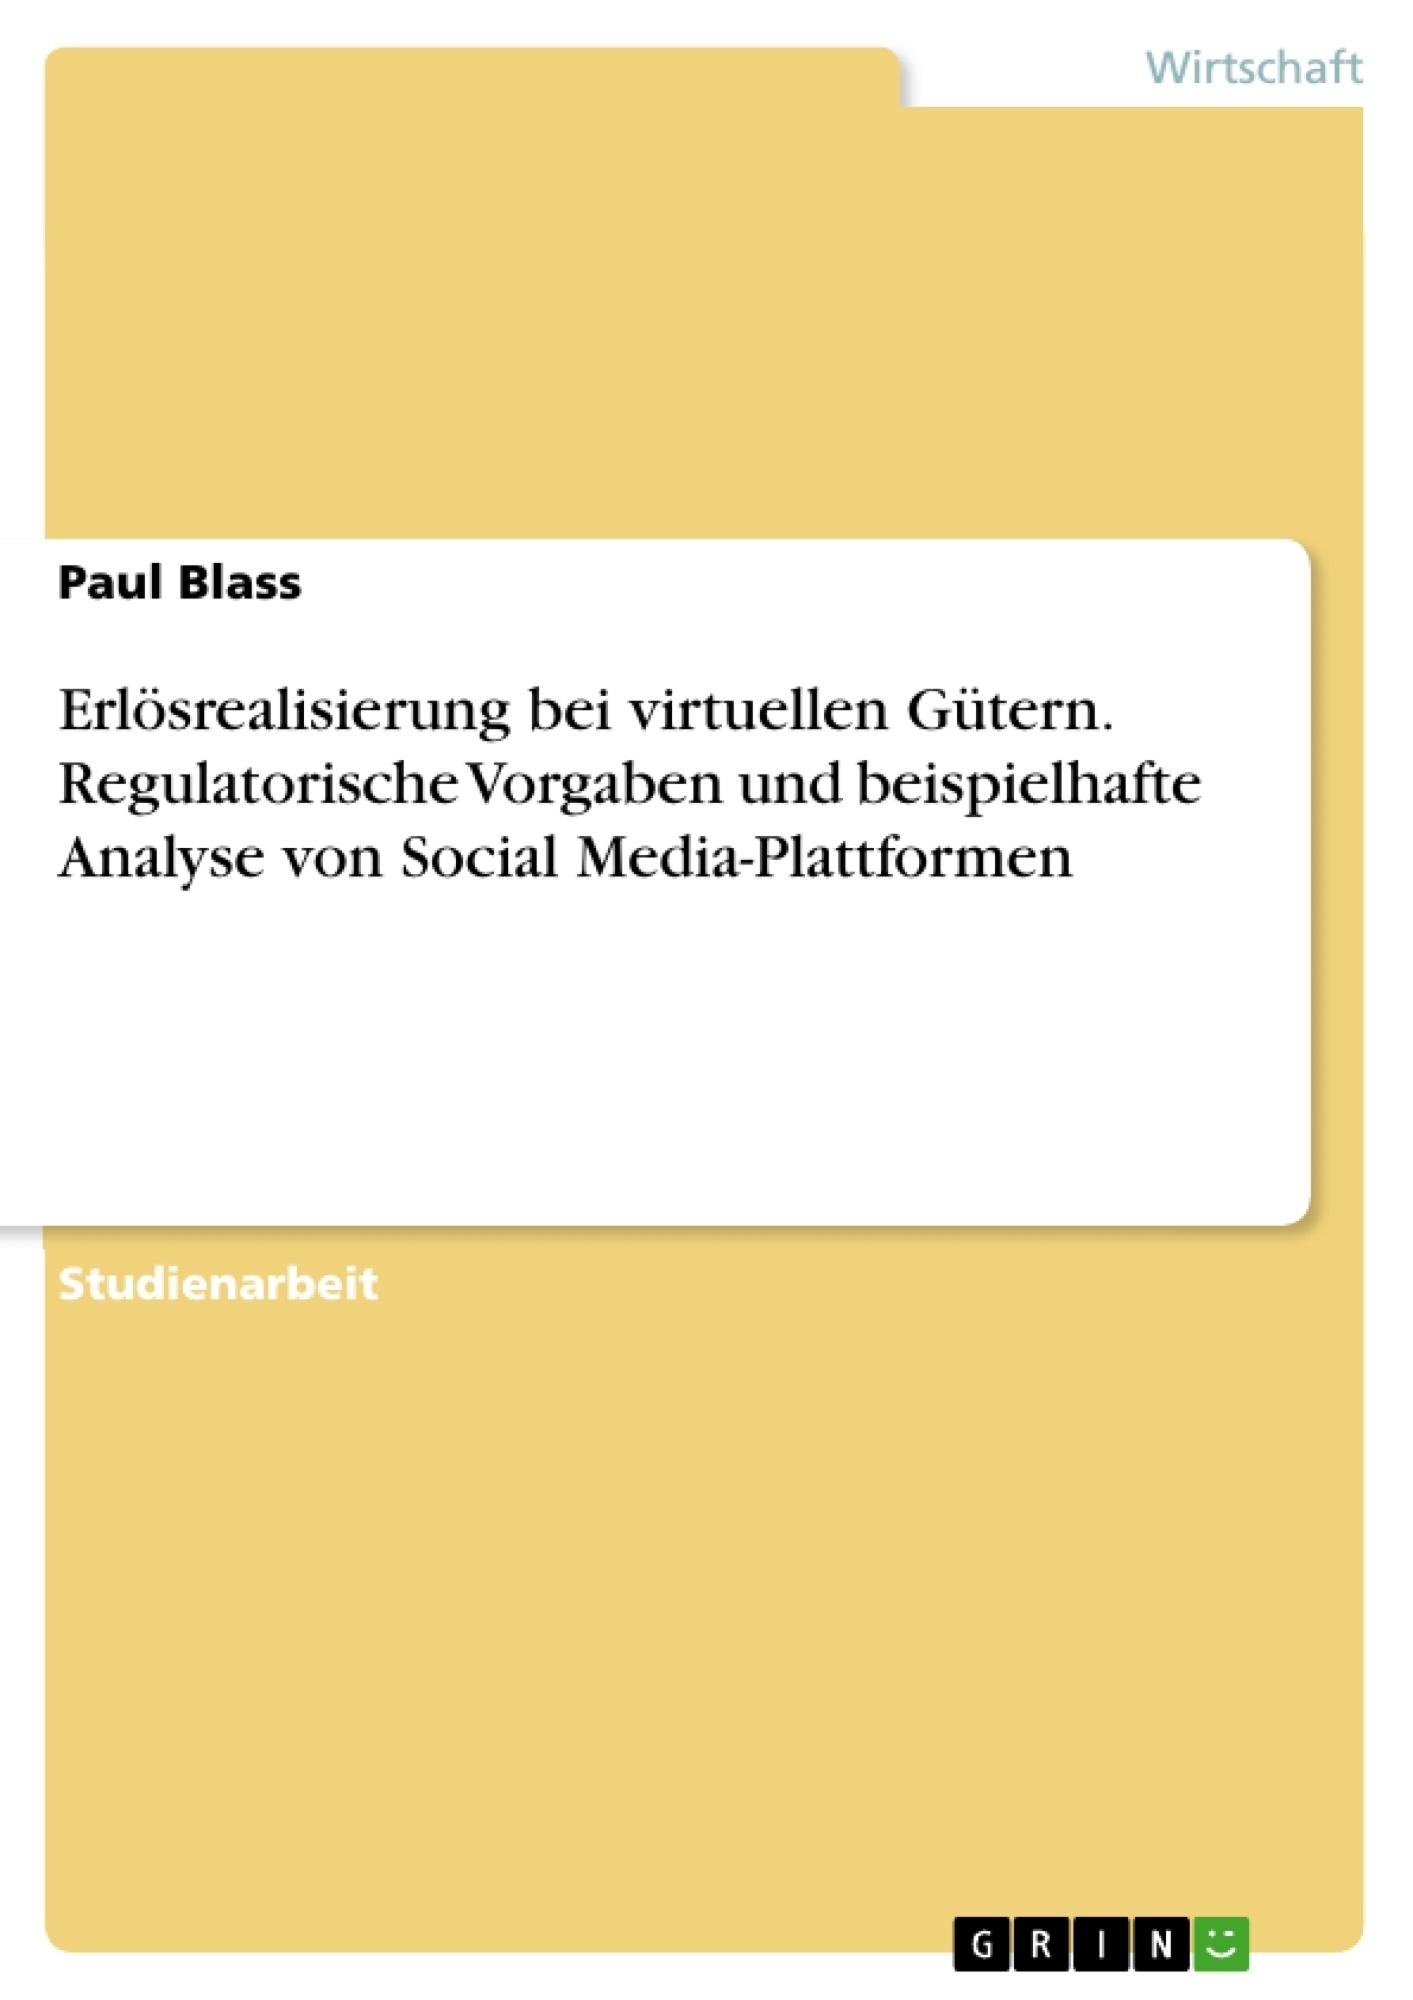 Titel: Erlösrealisierung bei virtuellen Gütern. Regulatorische Vorgaben und beispielhafte Analyse von Social Media-Plattformen